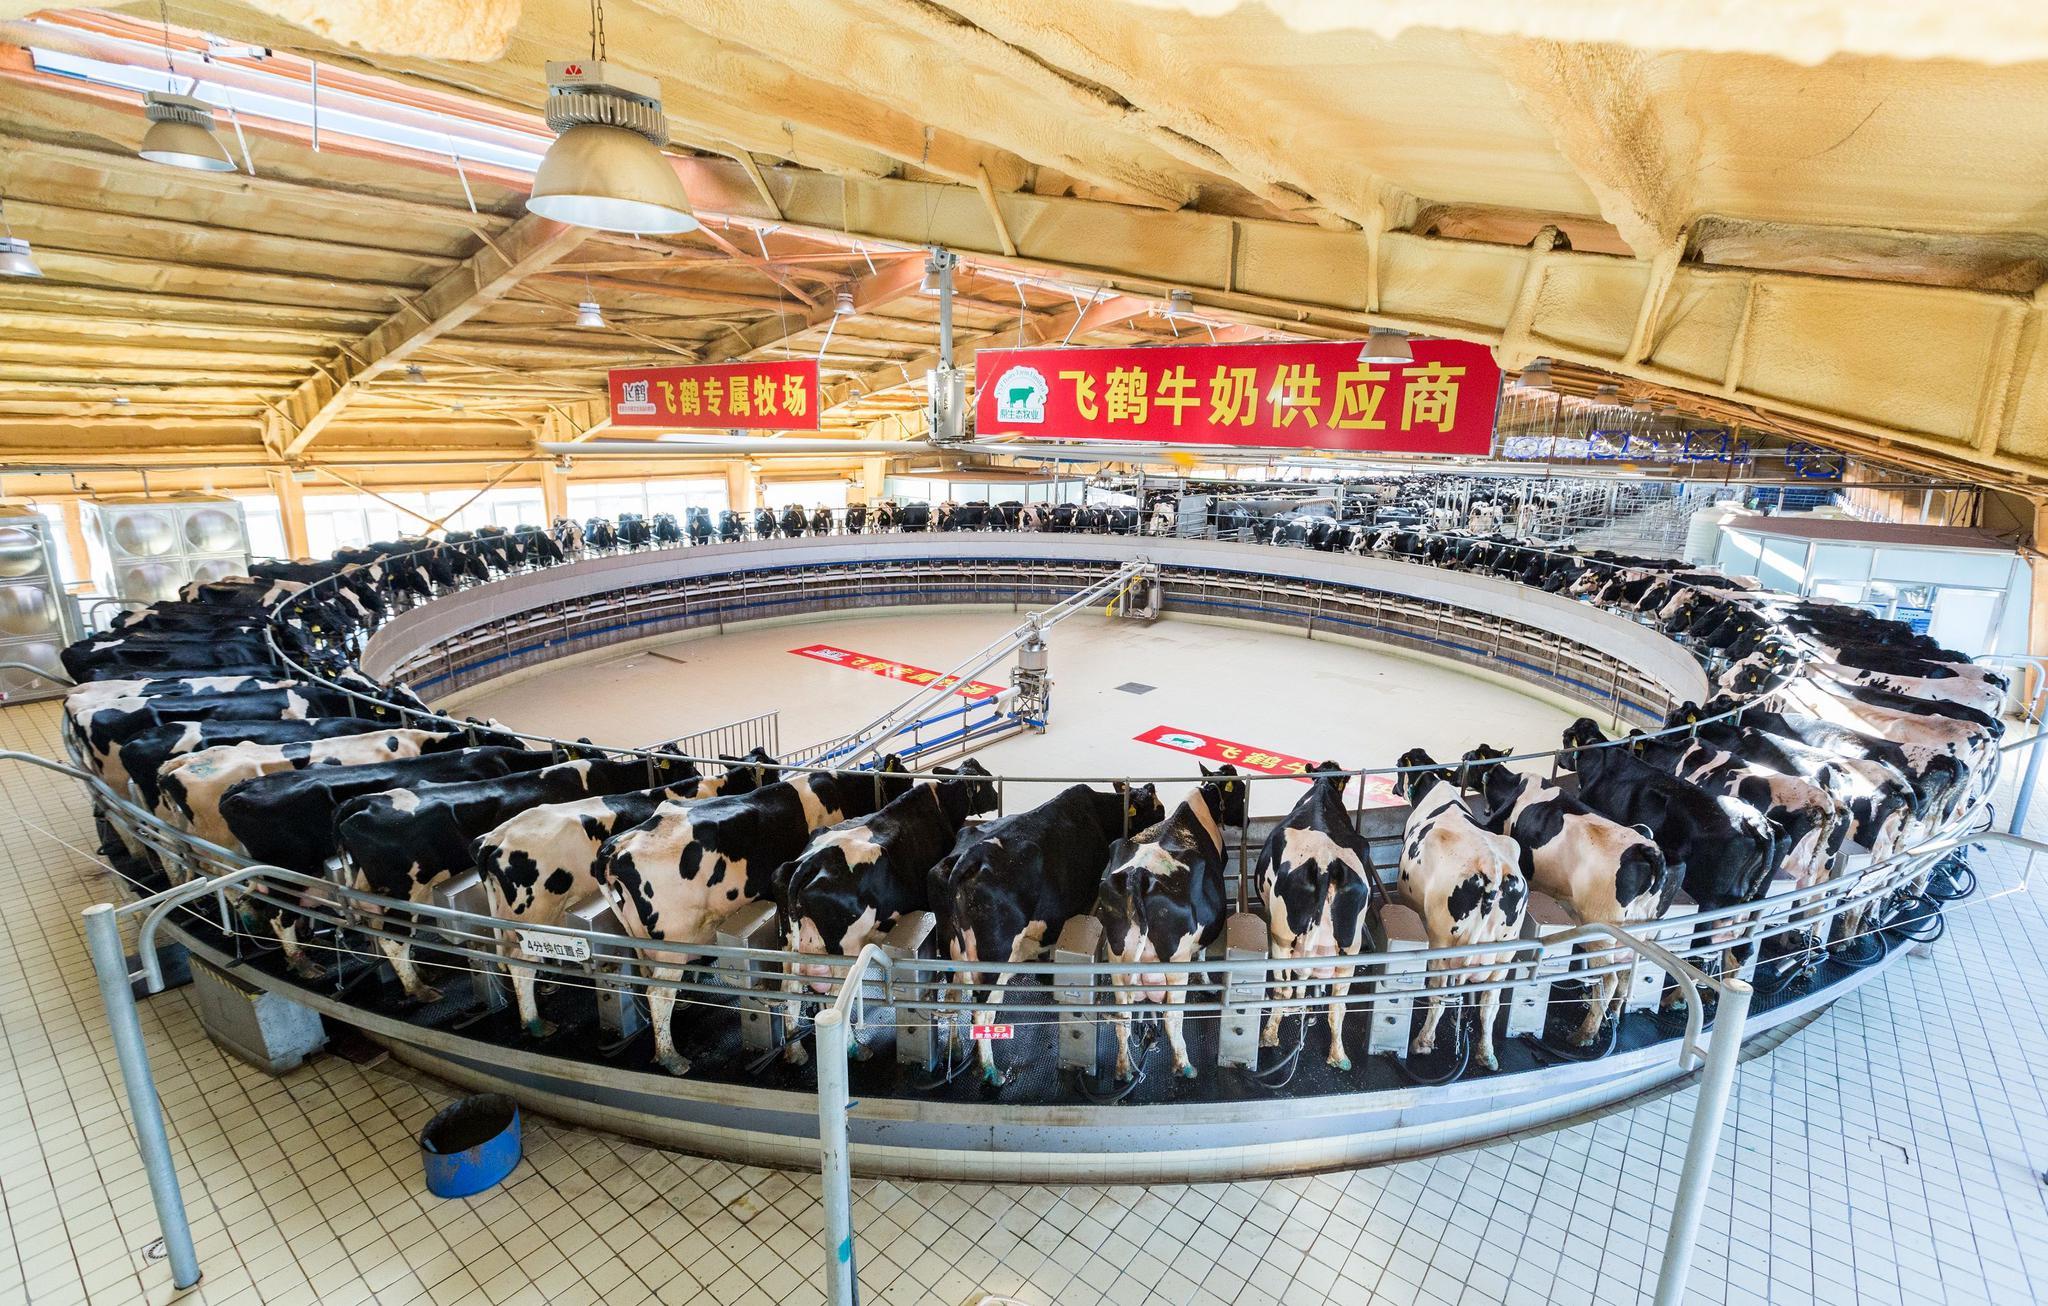 飞鹤拟入主原生态牧业,加码上游奶源布局